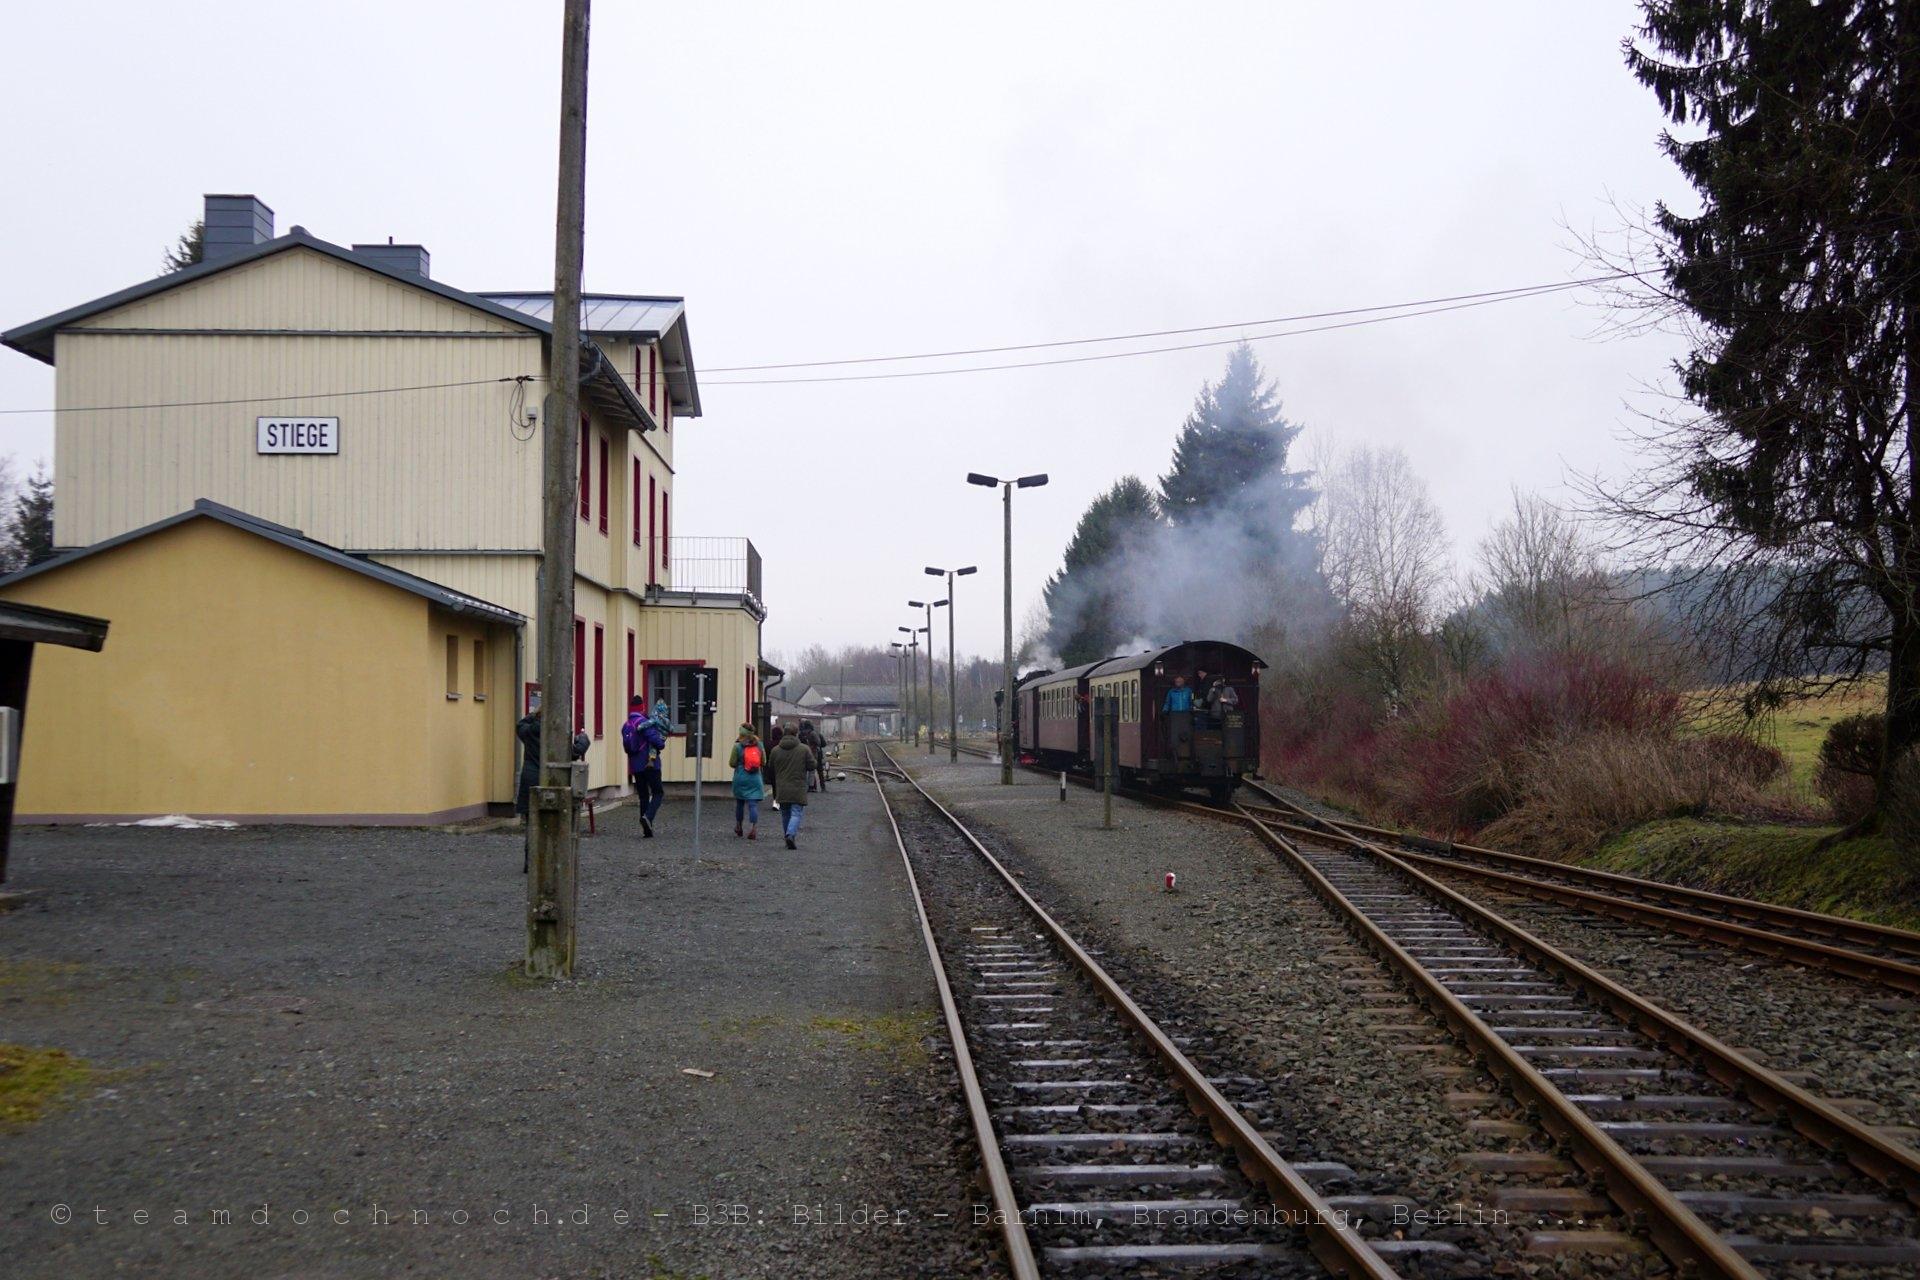 Bahnhof Stiege mit Dampfzug